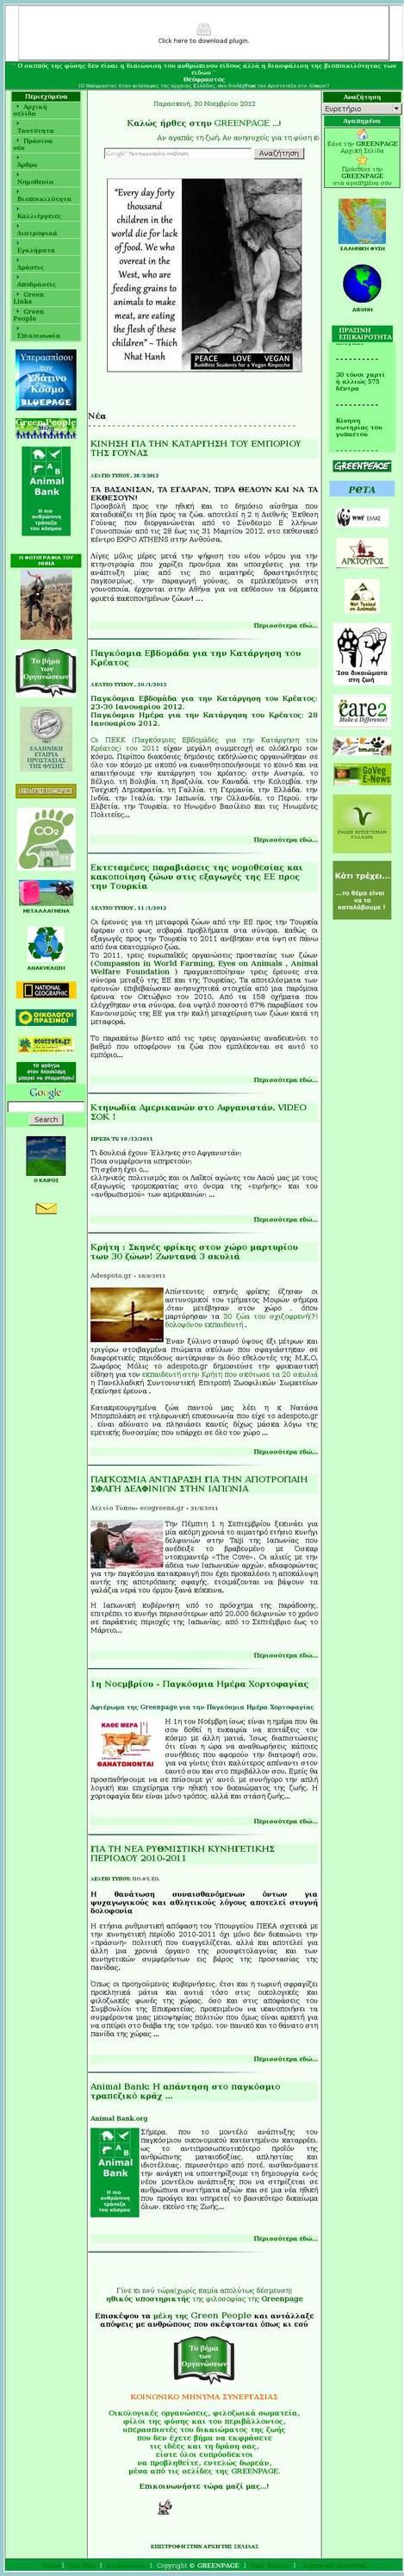 Μοντέστο CA ιστοσελίδες γνωριμιών